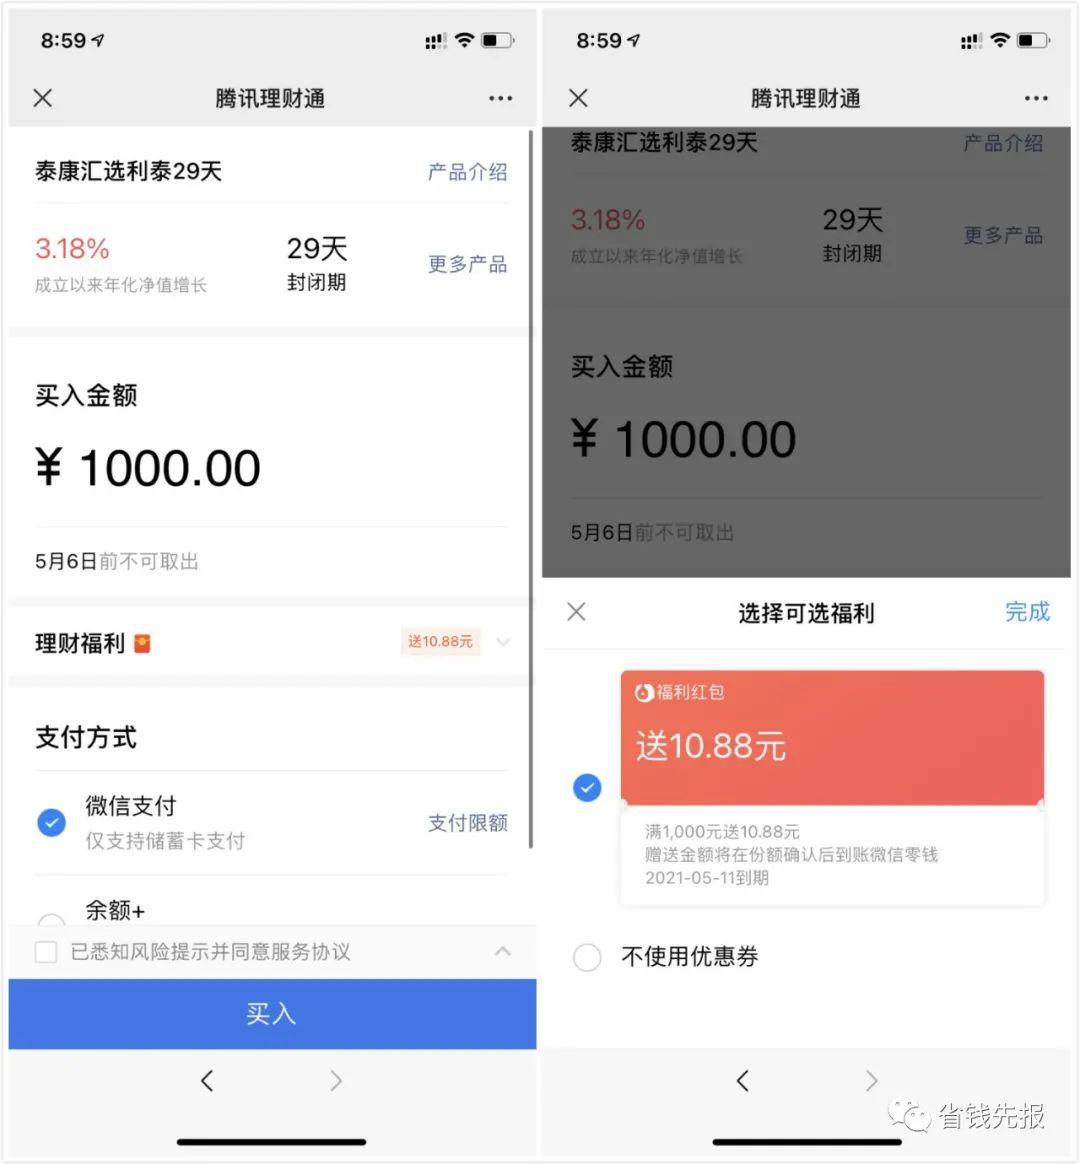 理财通微信红包10.88元直接提现!